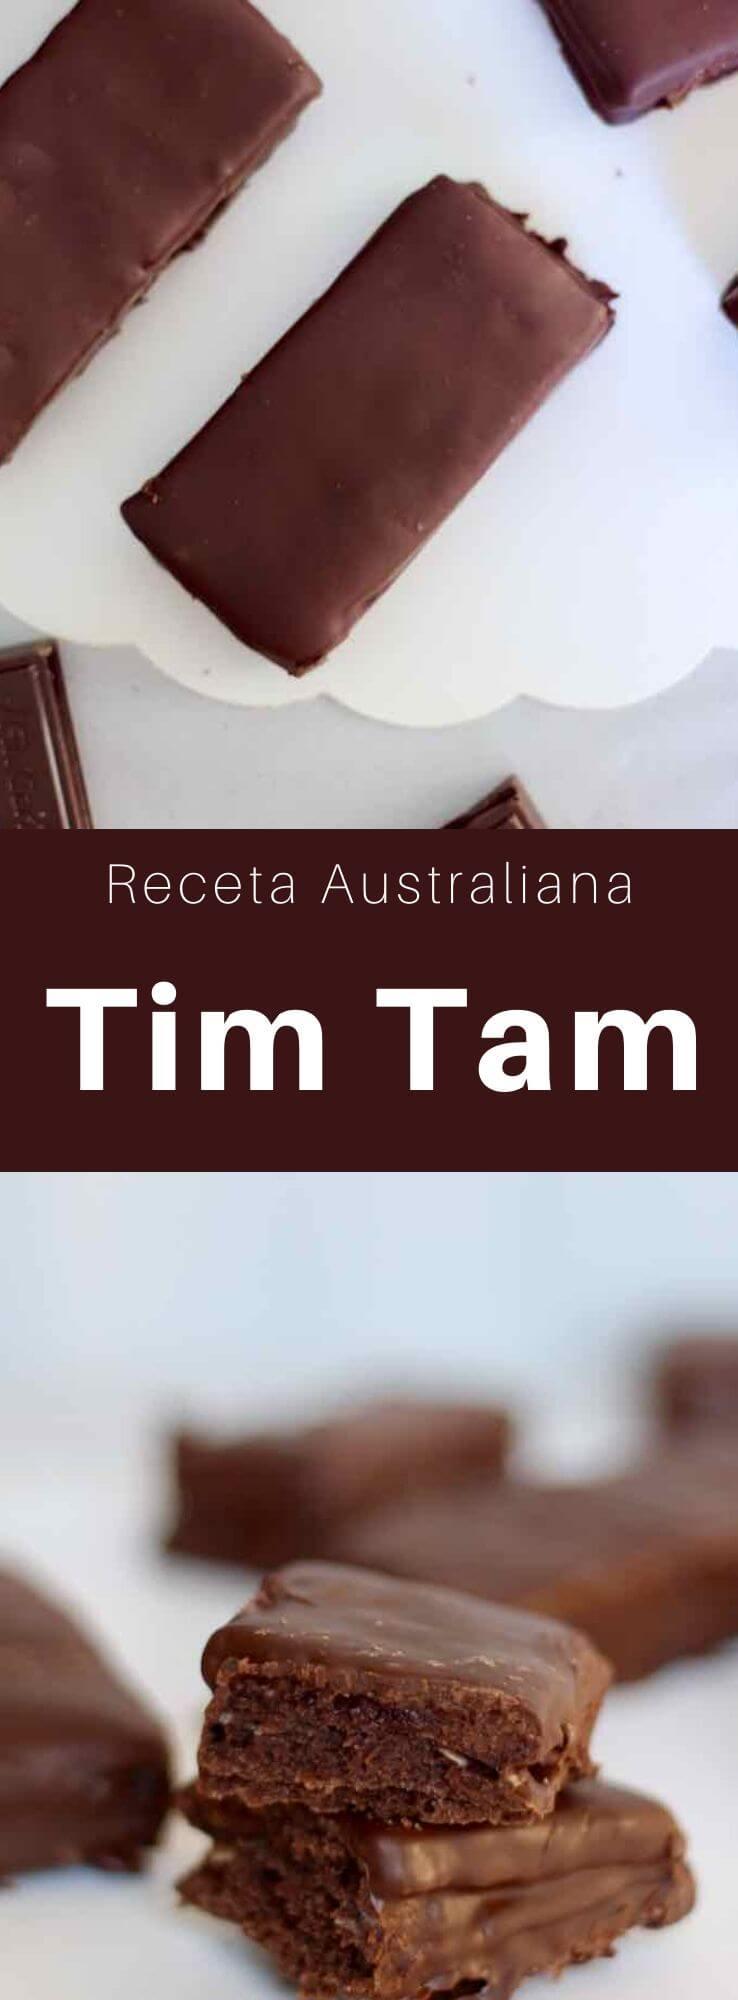 El Tim Tam es una popular galleta australiana, compuesta por una crema de chocolate malteada intercalada entre dos galletas de chocolate y cubierta con chocolate con leche.